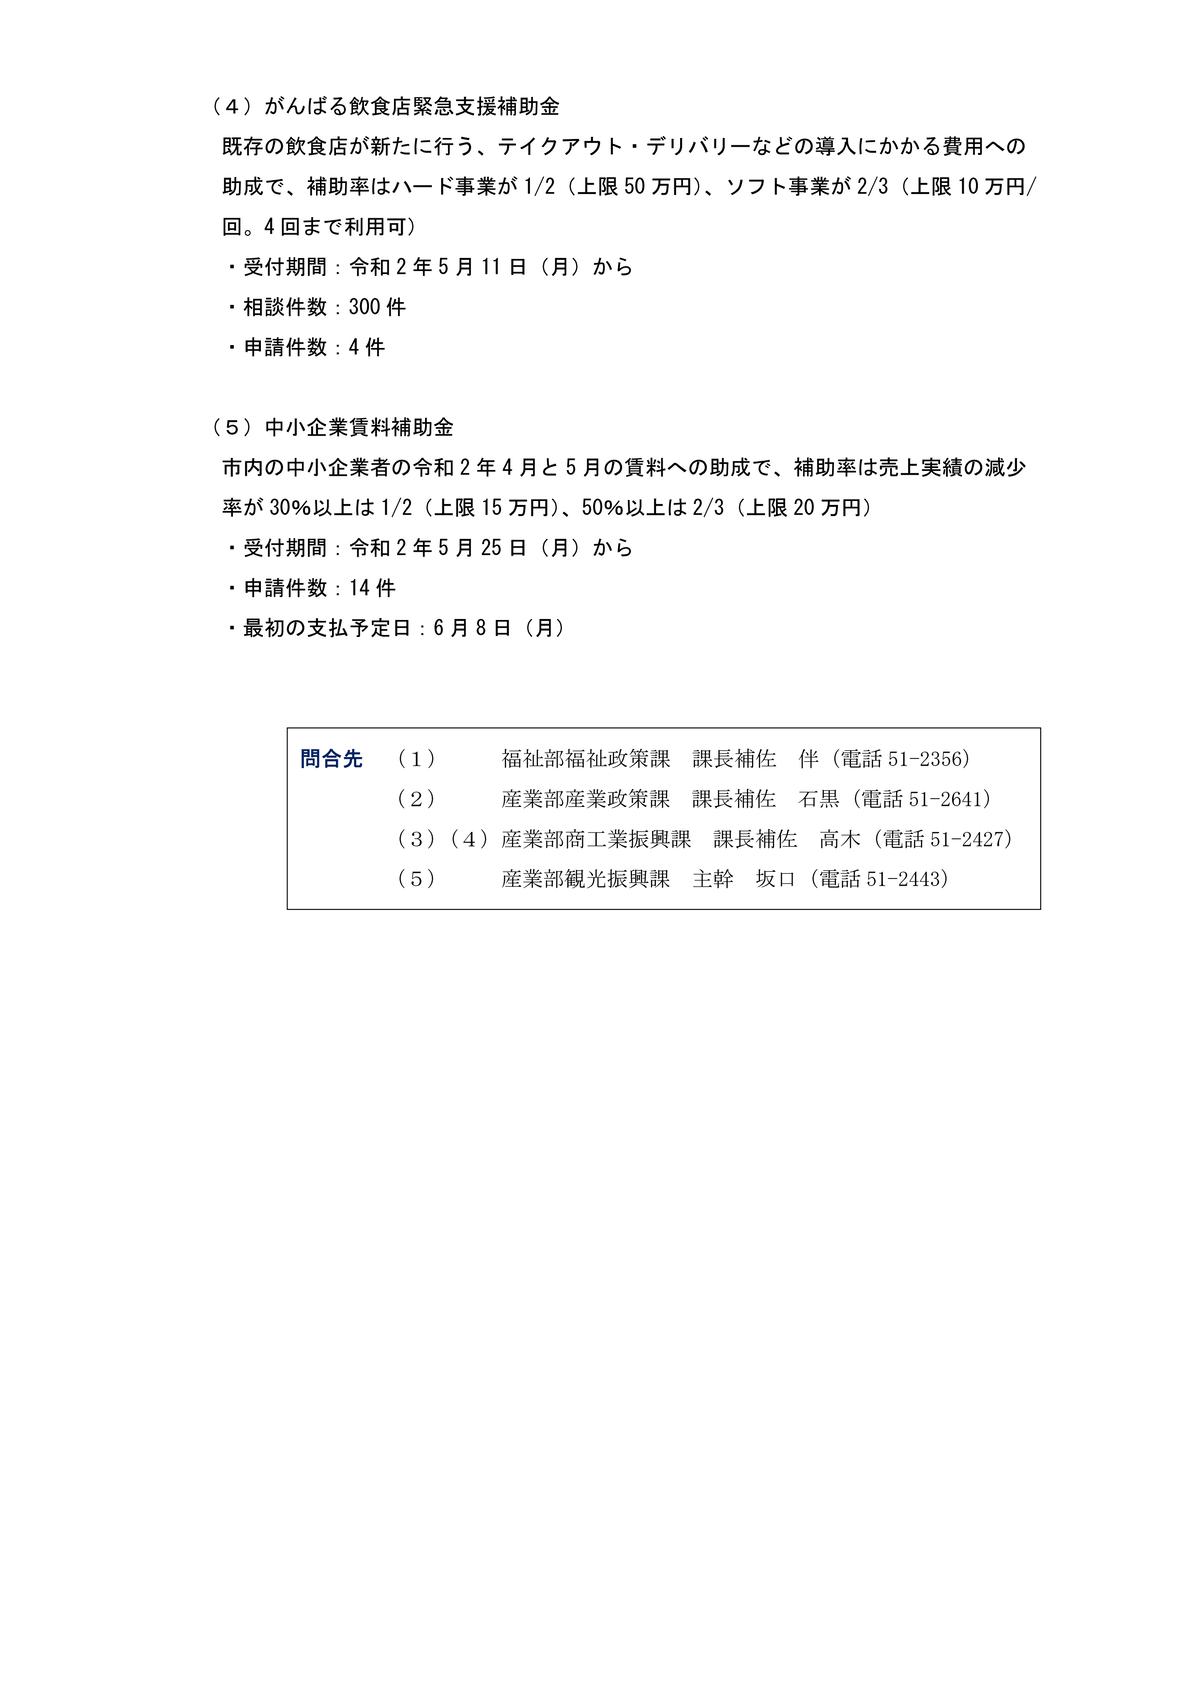 200604_9-teigakujoukyou_02